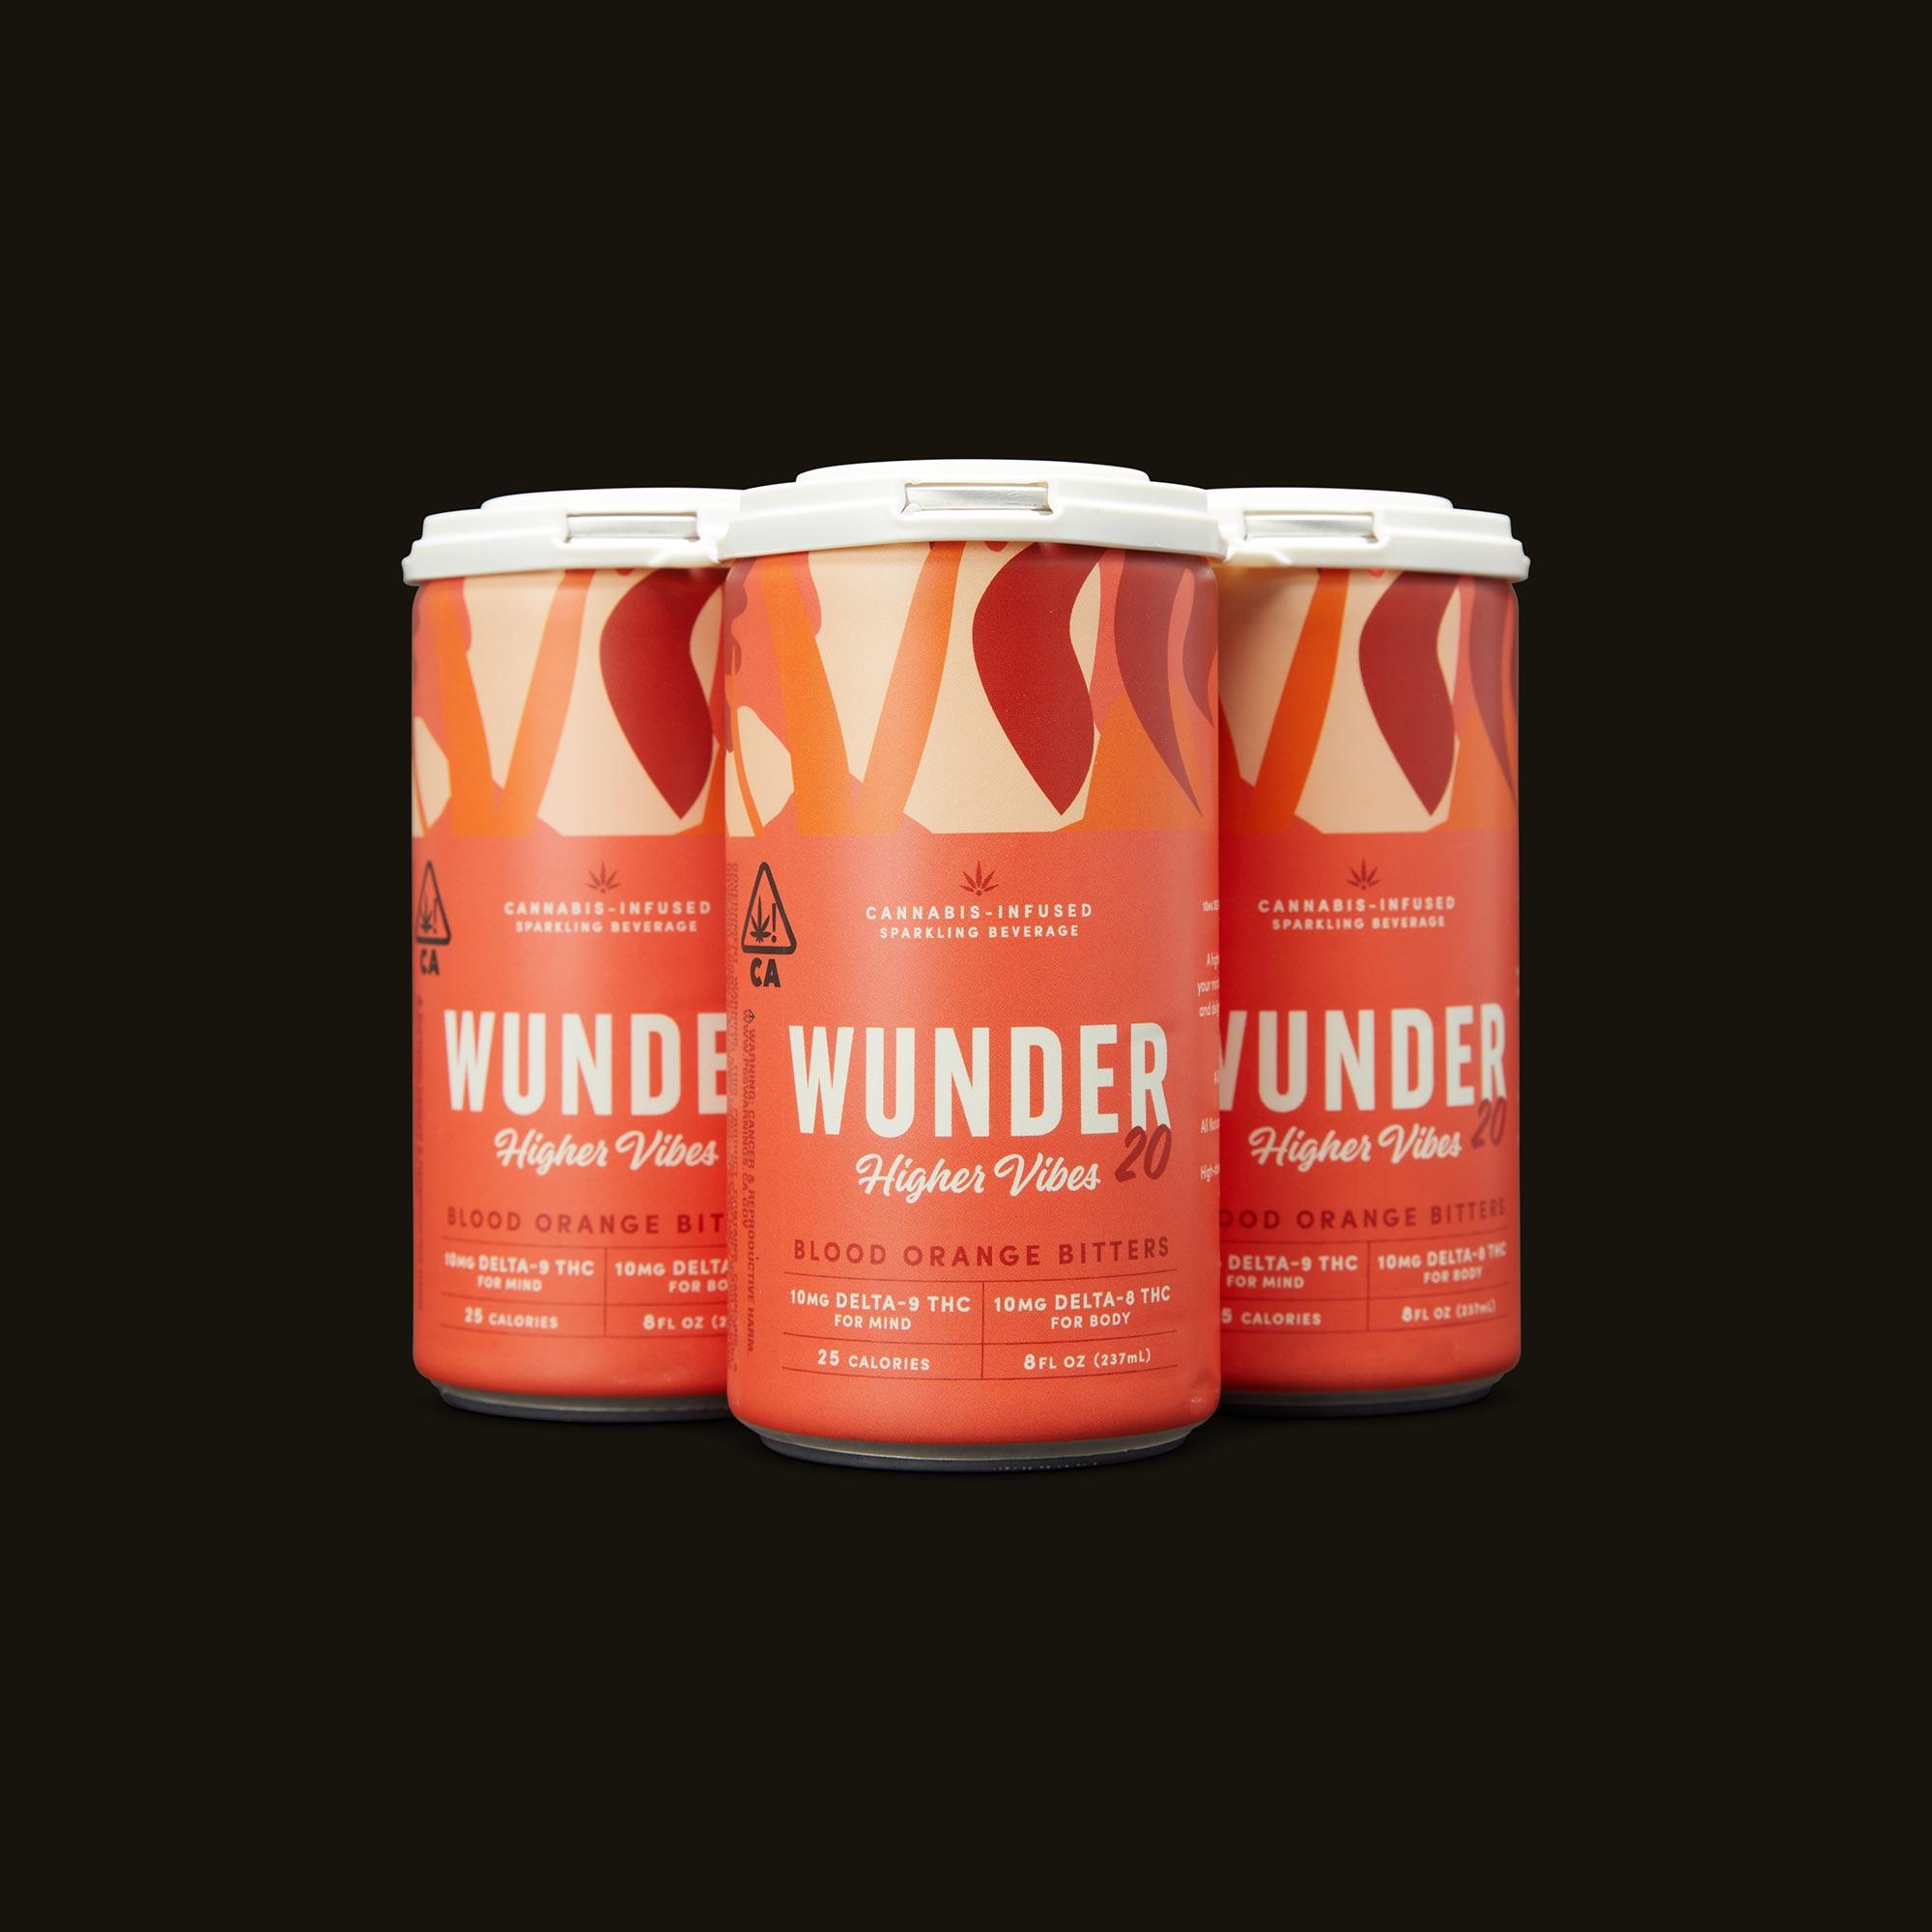 Wunder Higher Vibes Blood Orange Bitters 4-Pack